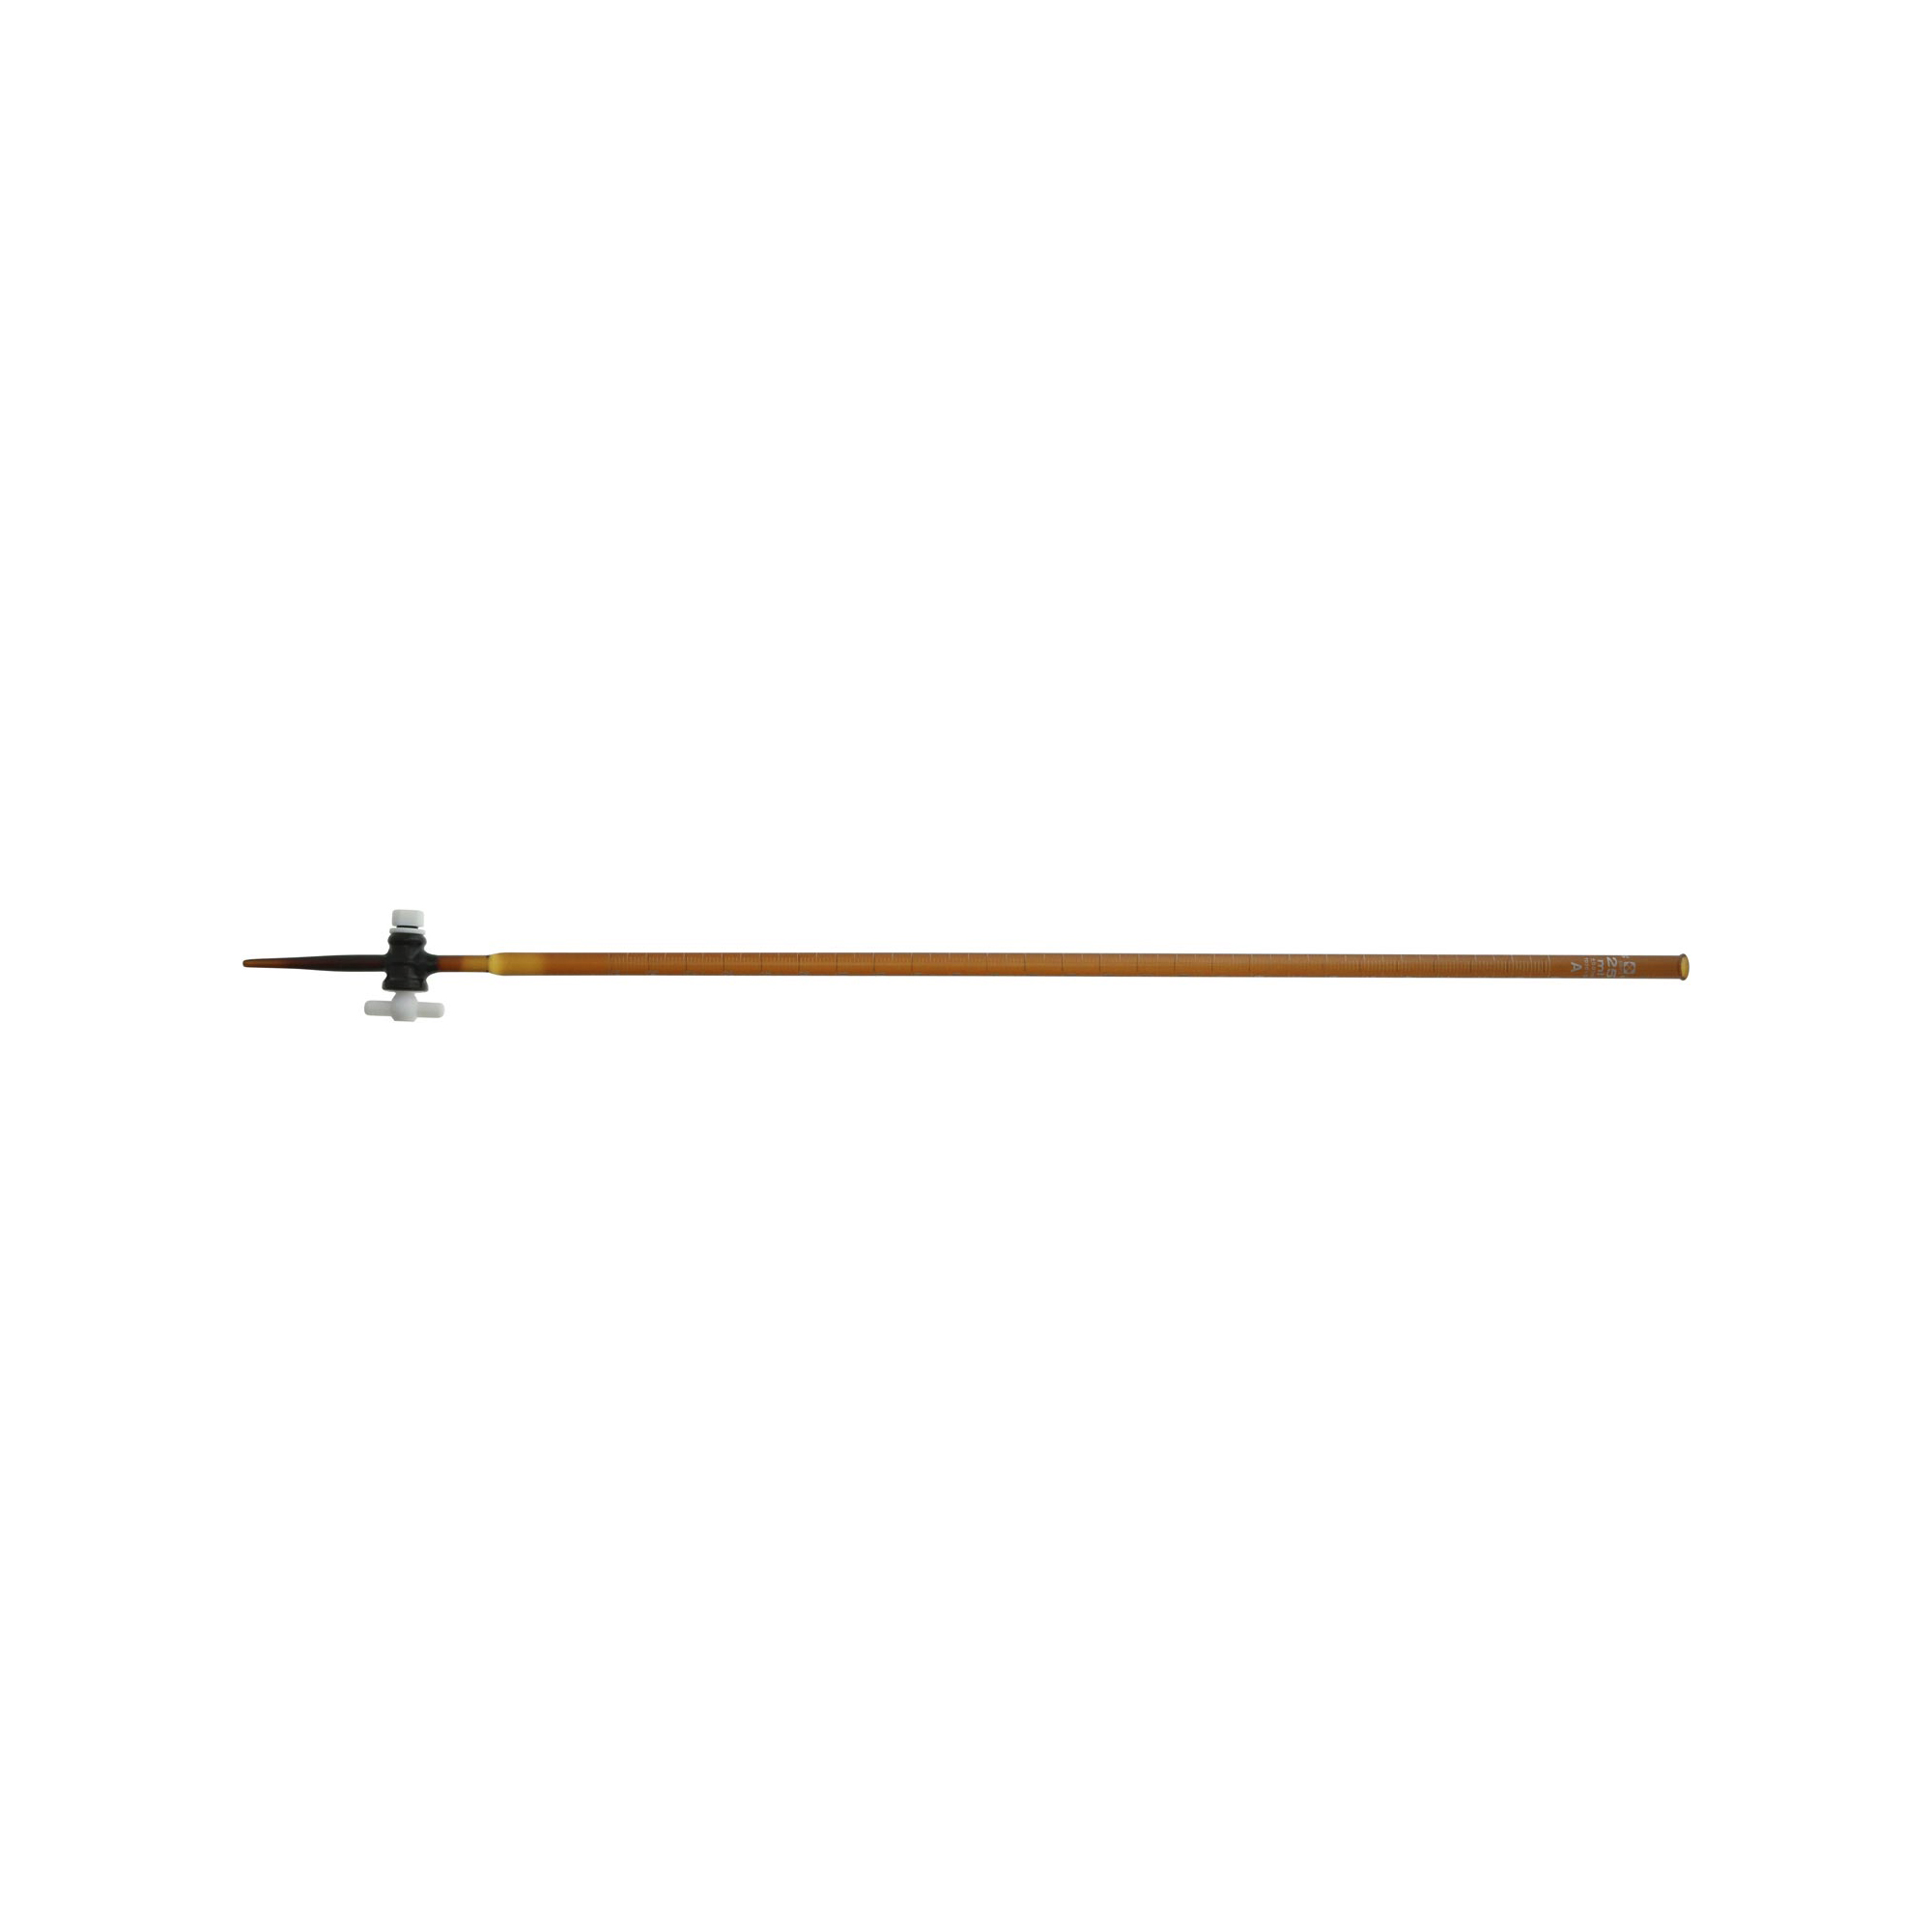 ビュレット スーパーグレード PTFEコック付 褐色 25mL